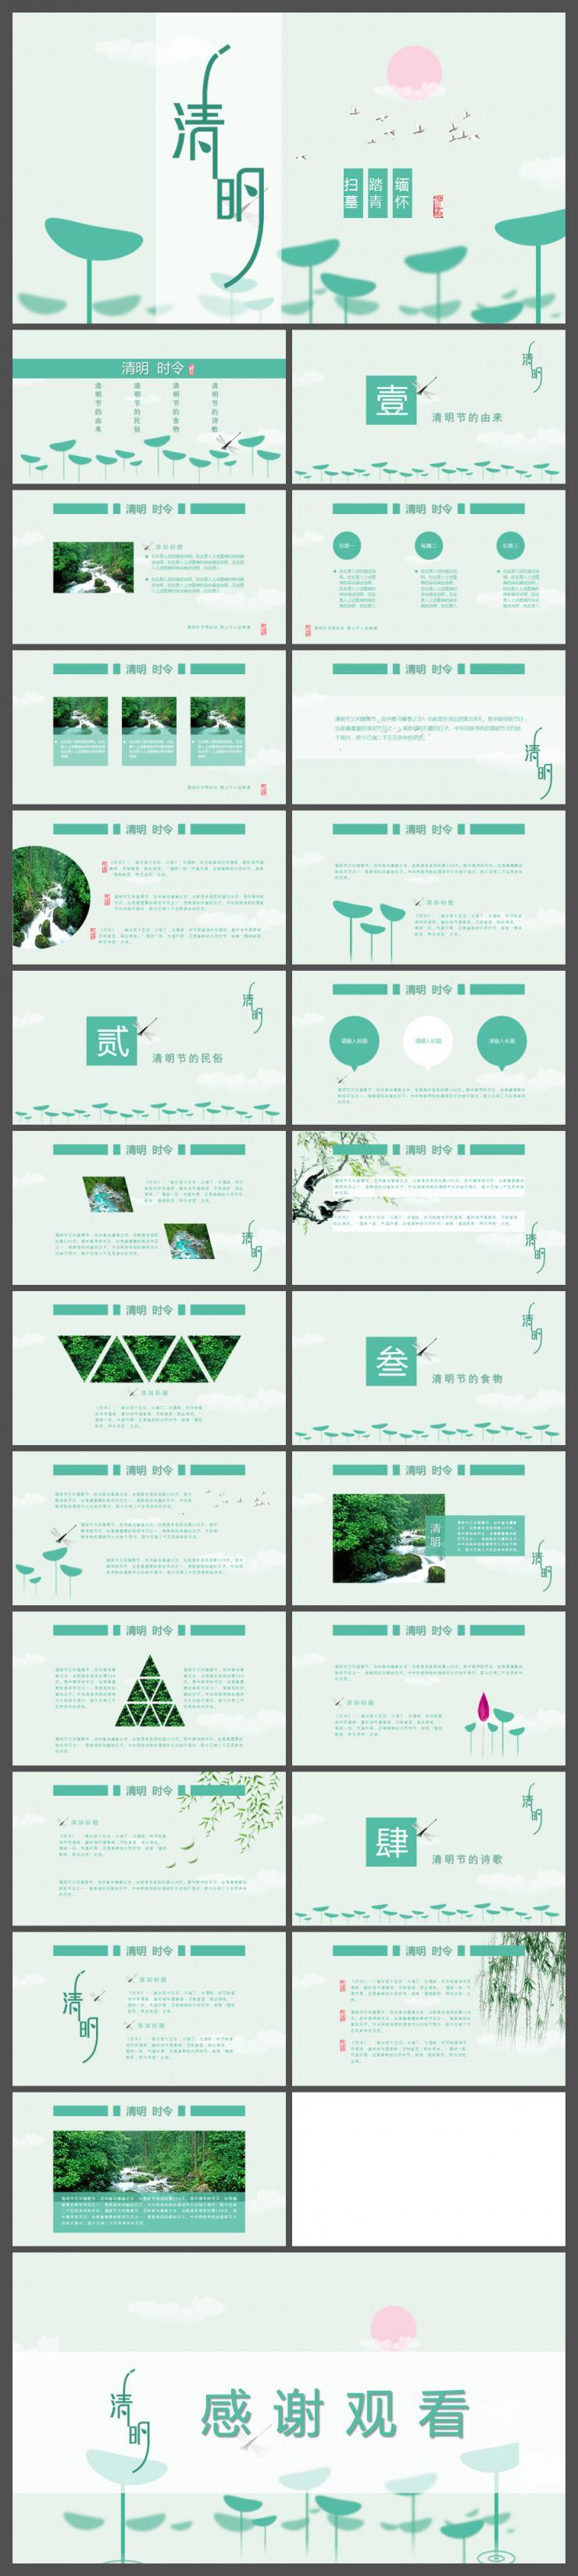 绿色简约传统节日清明踏青祭祖文化PPT模板